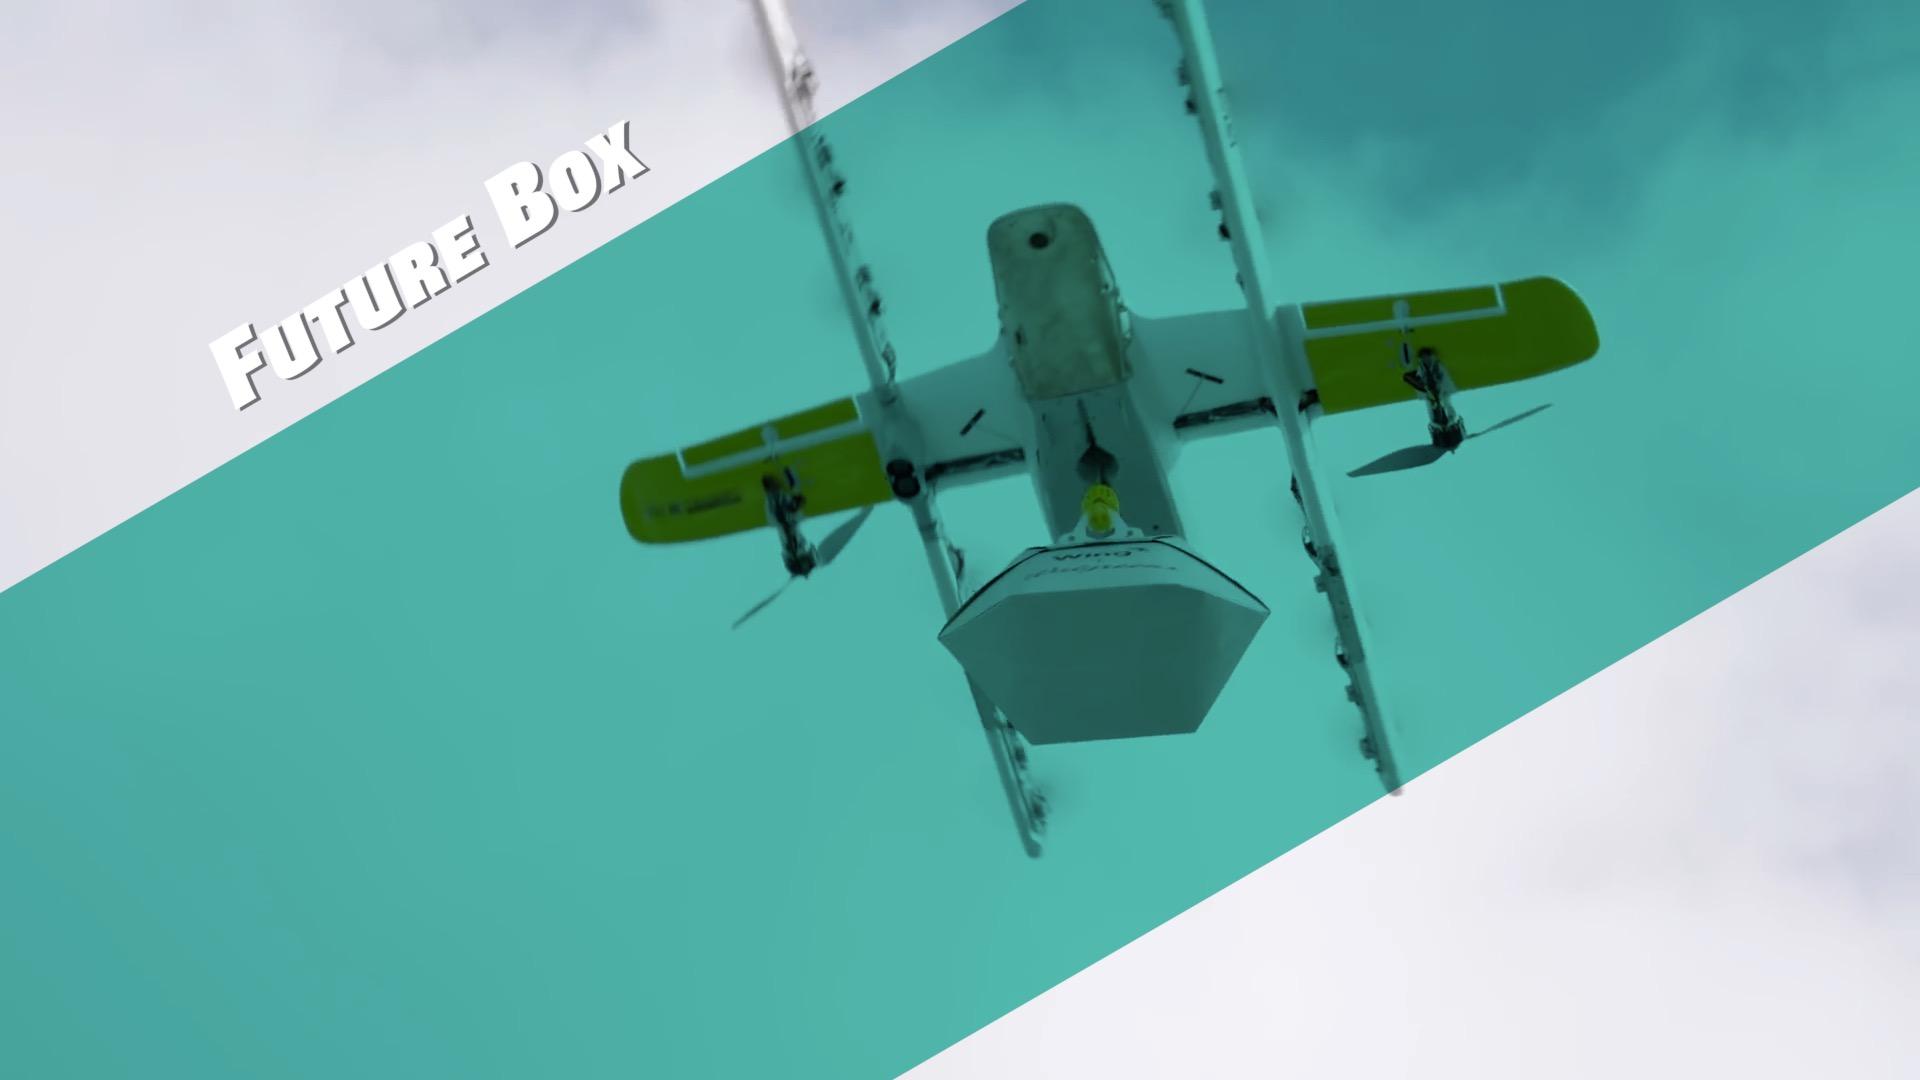 【百人牛牛视频 Future Box】无人机快递在美商用,来自Alphabet旗下万人牛牛